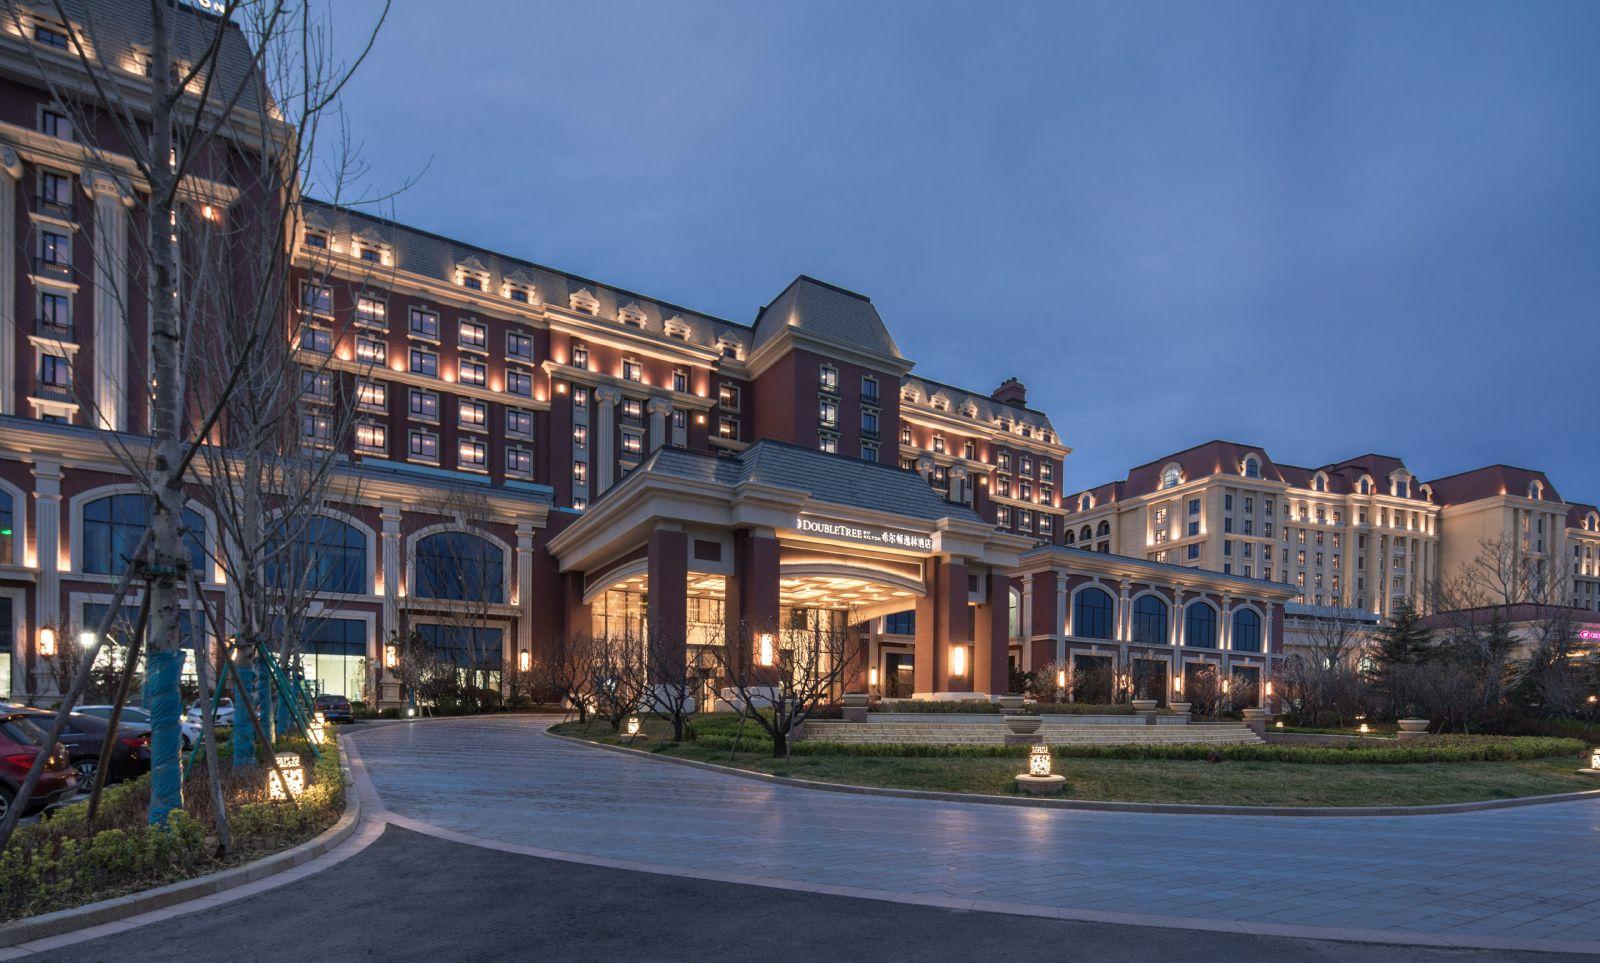 希尔顿集团喜迎青岛西海岸首家希尔顿逸林酒店